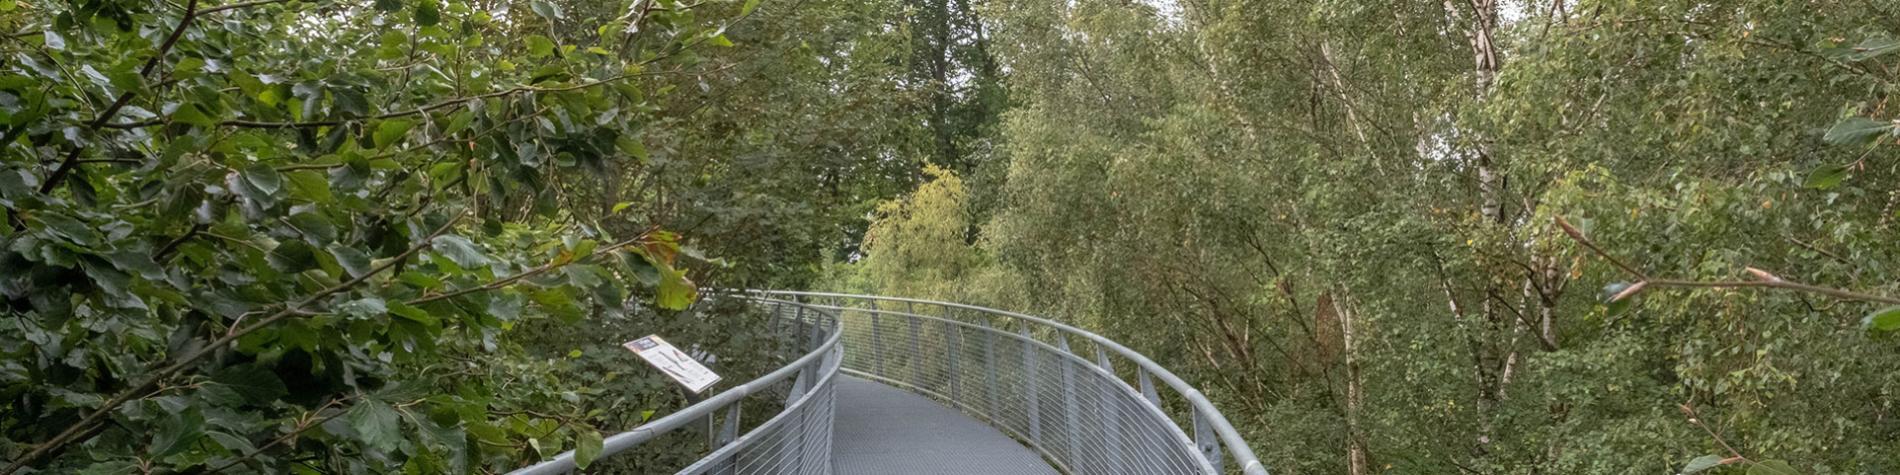 L'Escale forestière - forêt - Bon-Secours